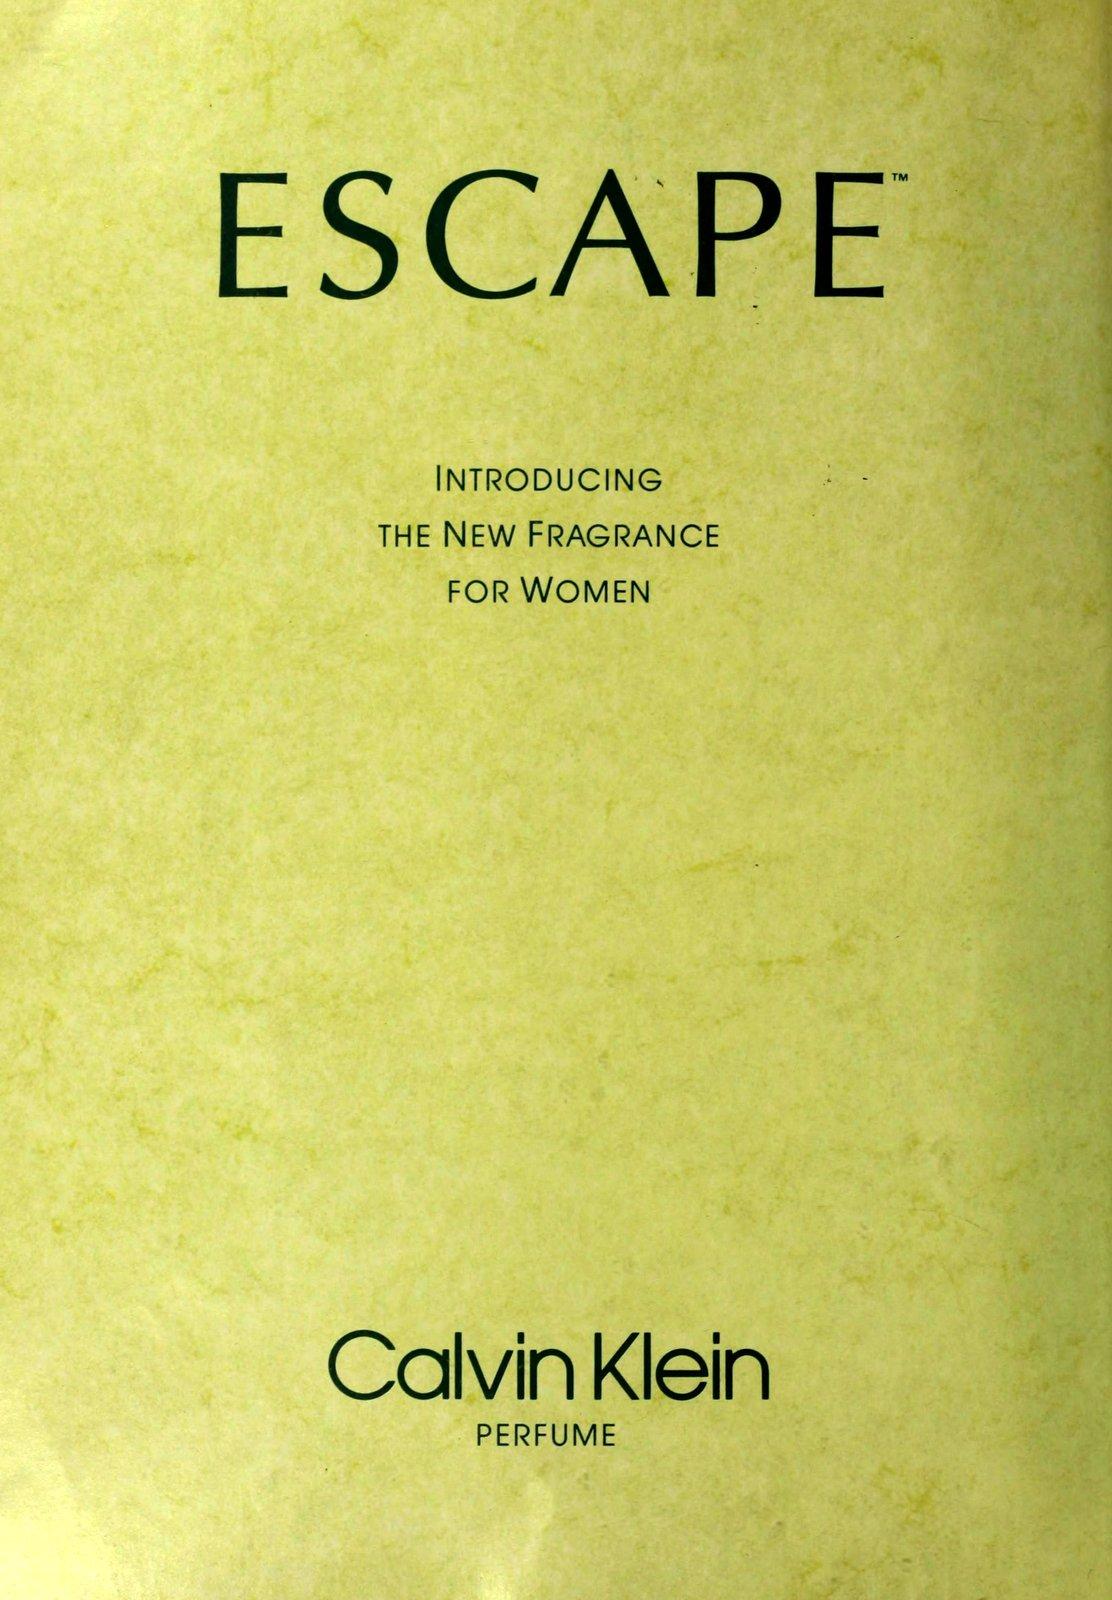 Escape from Calvin Klein (1991)